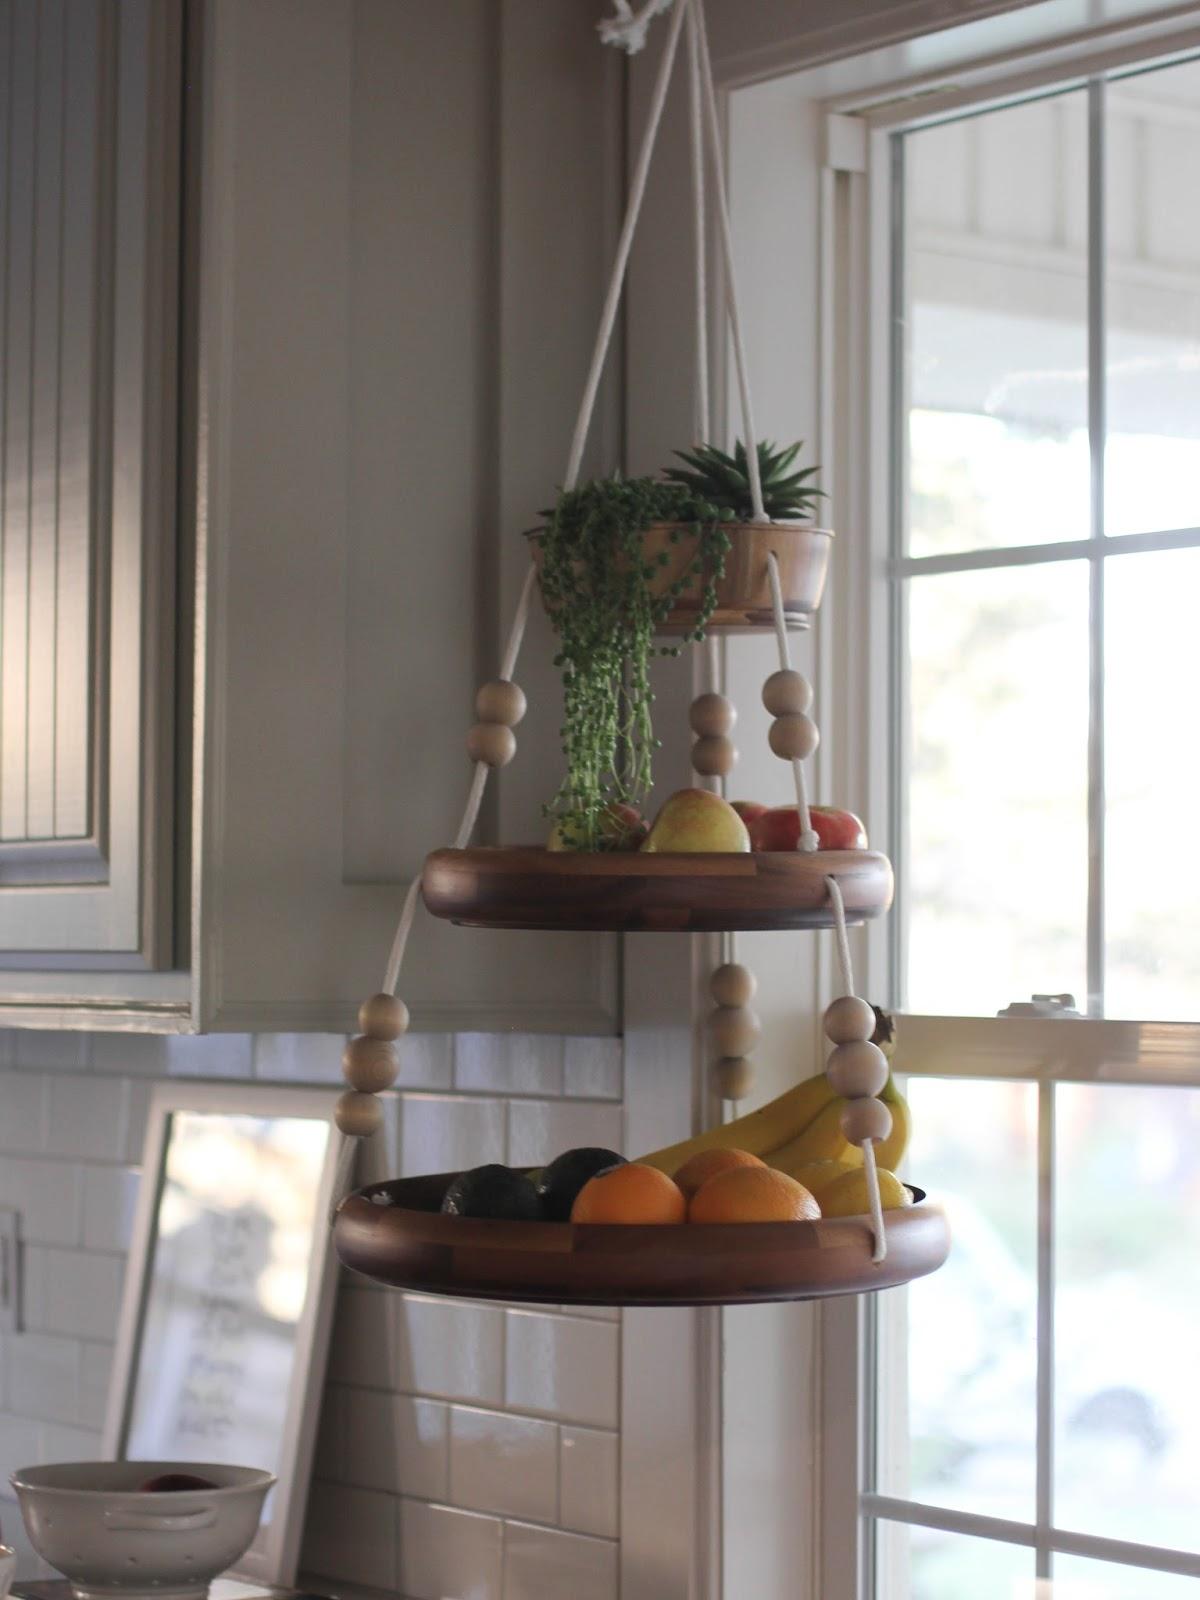 Wooden Hanging Fruit Basket | DIY